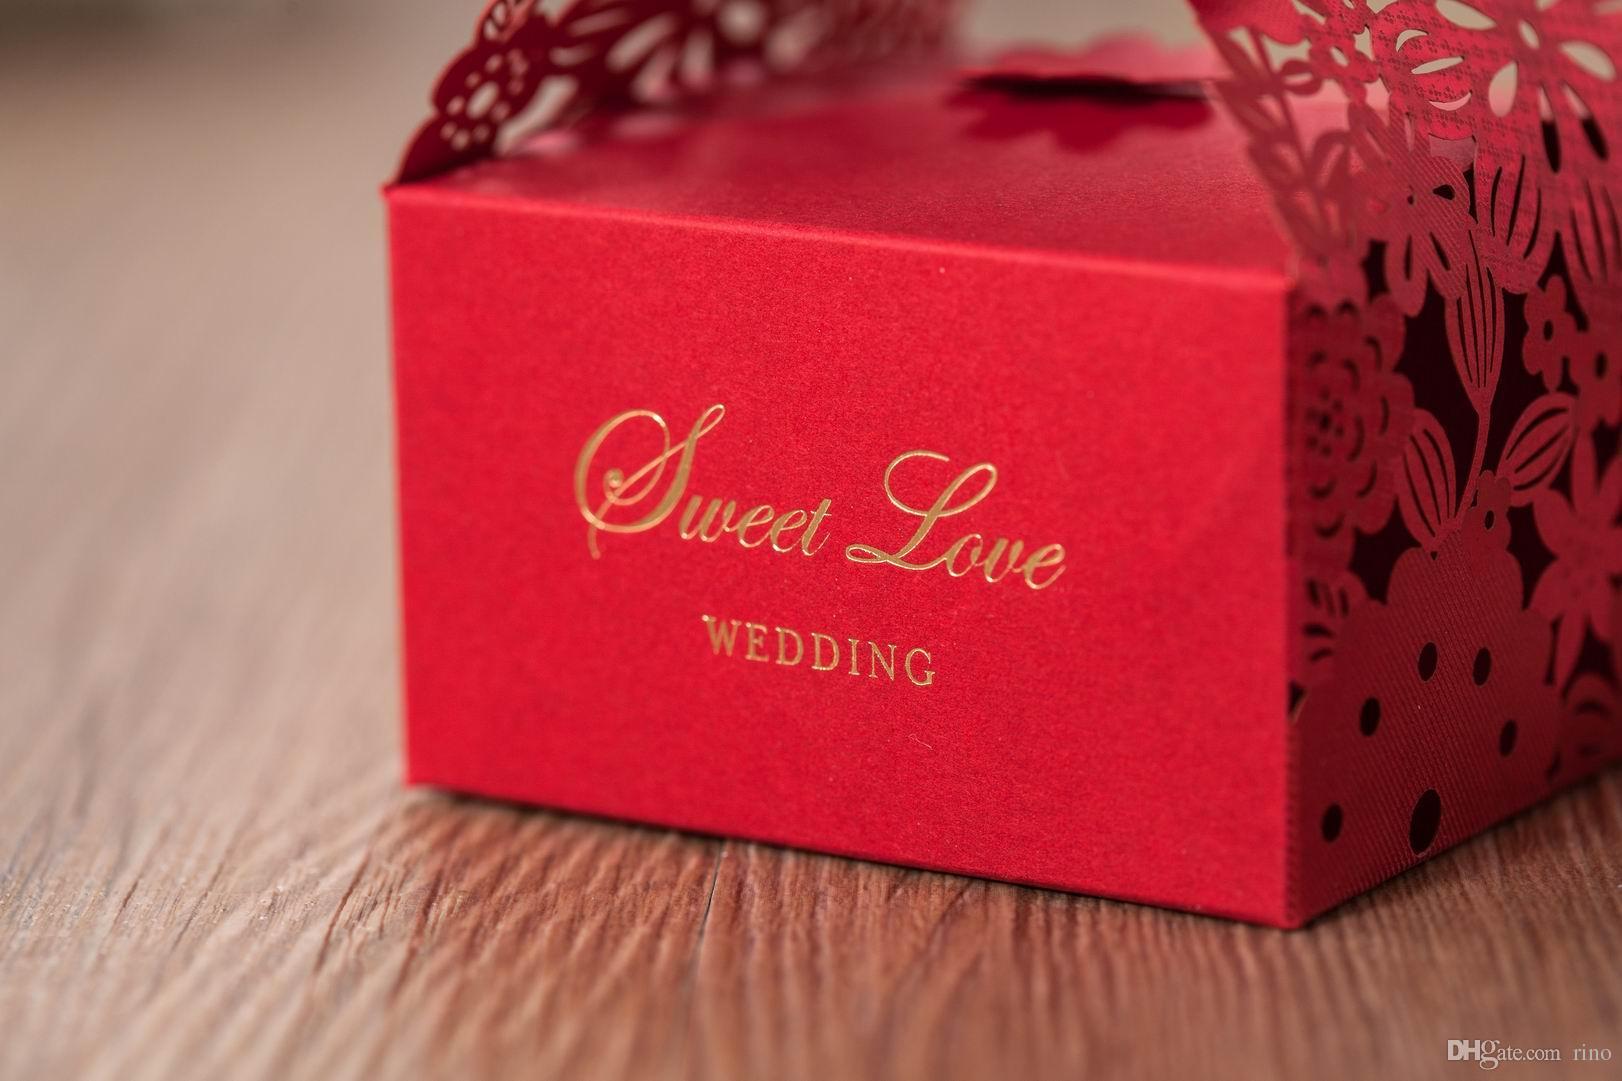 Düğün Iyilik Hediye Kutuları Şeker Kutusu Parti Iyilik Hollow Düğün Şeker Kutusu Iyilik Çikolata Kutuları şeker çanta kek kutuları